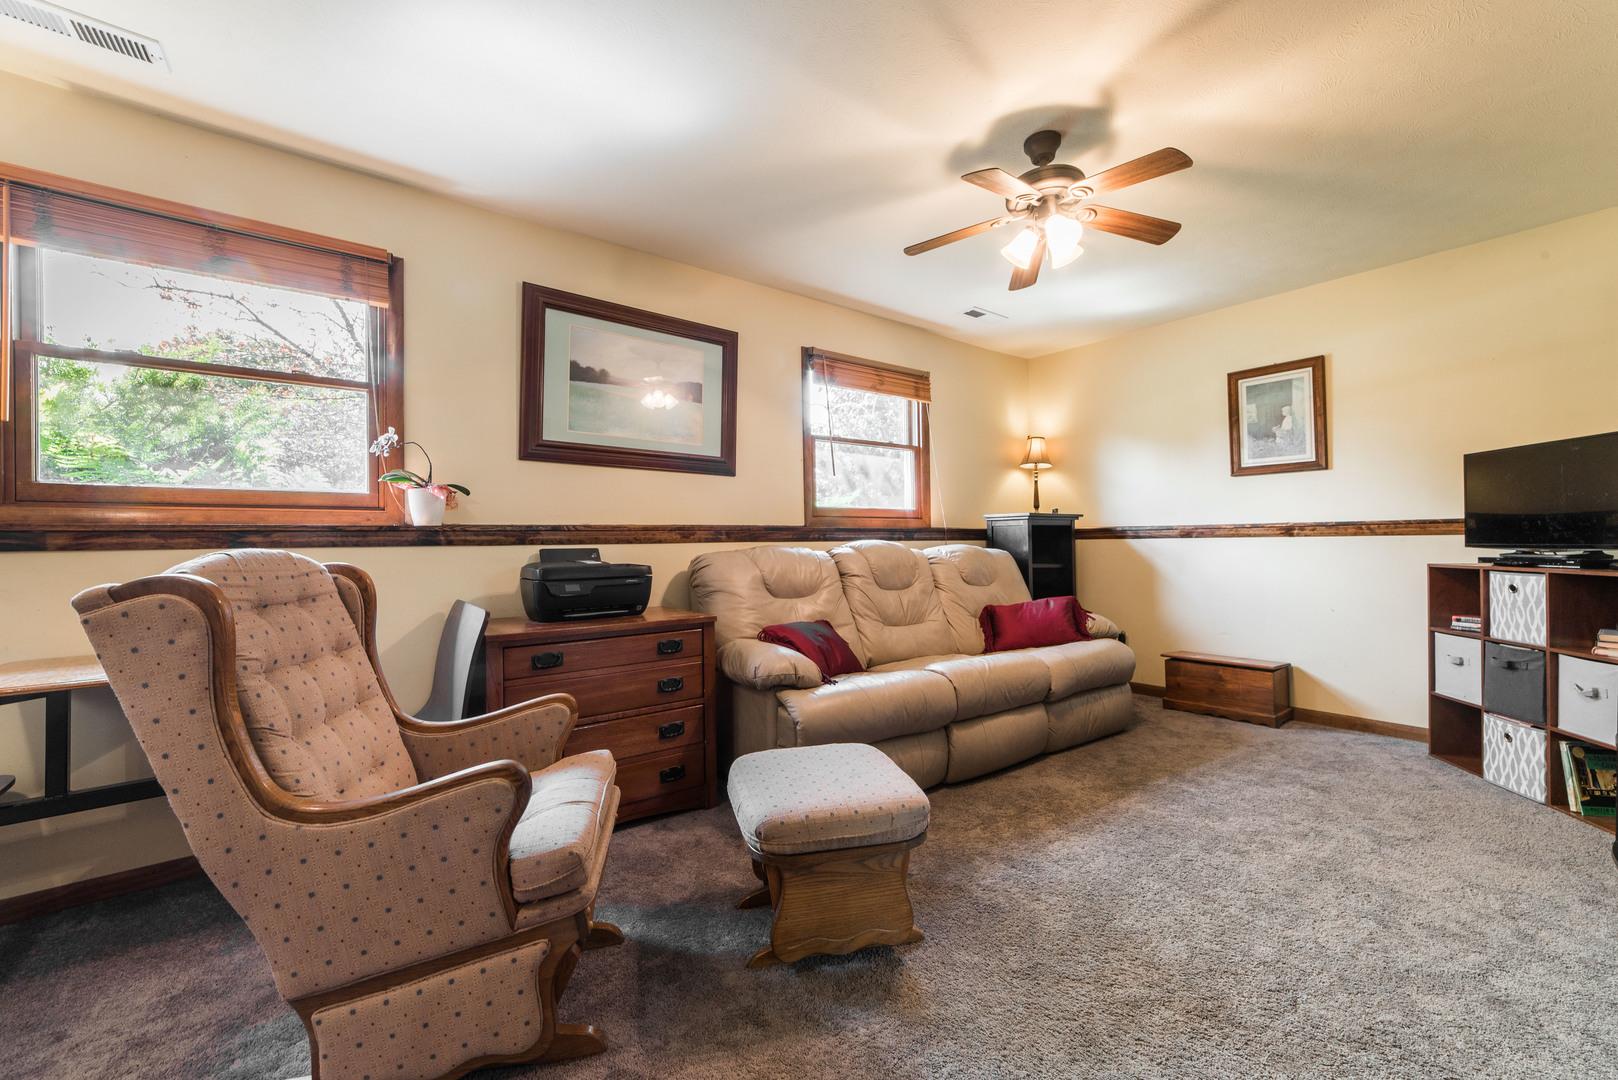 212 North Juniper, Cortland, Illinois, 60112